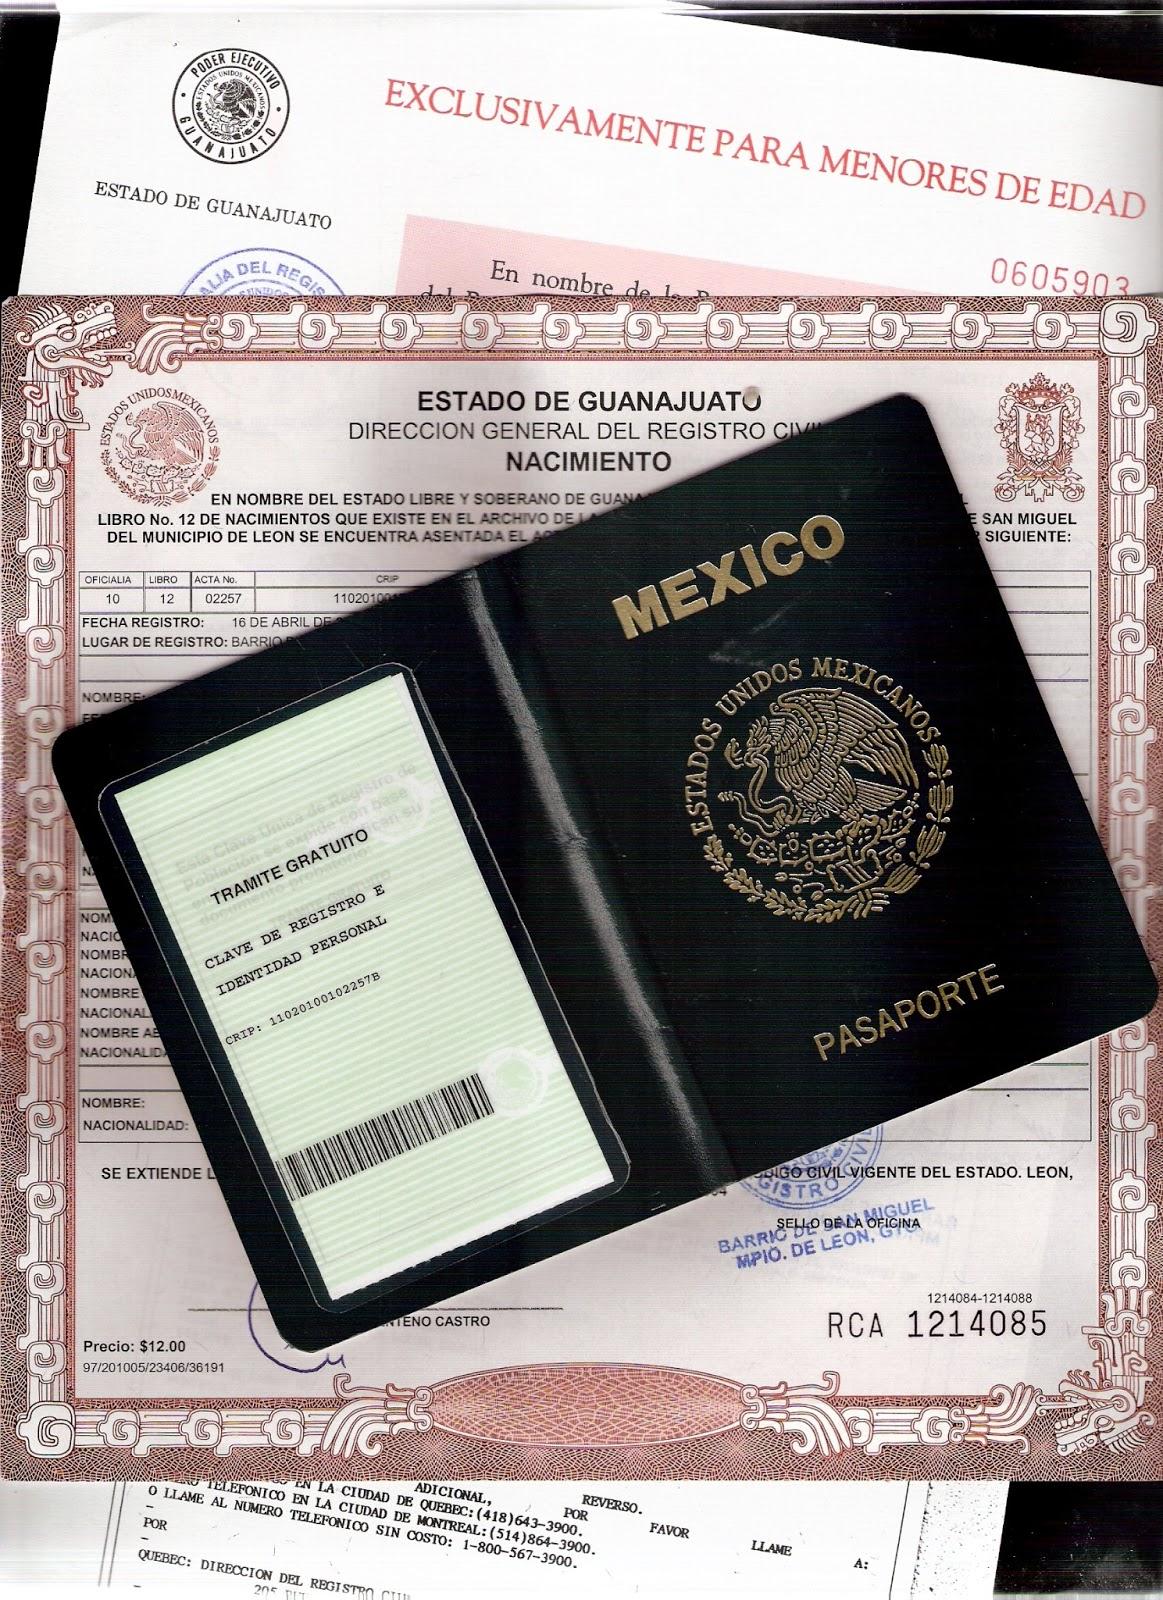 Actas del Registro Civil del Estado de Guanajuato | Apostille ...